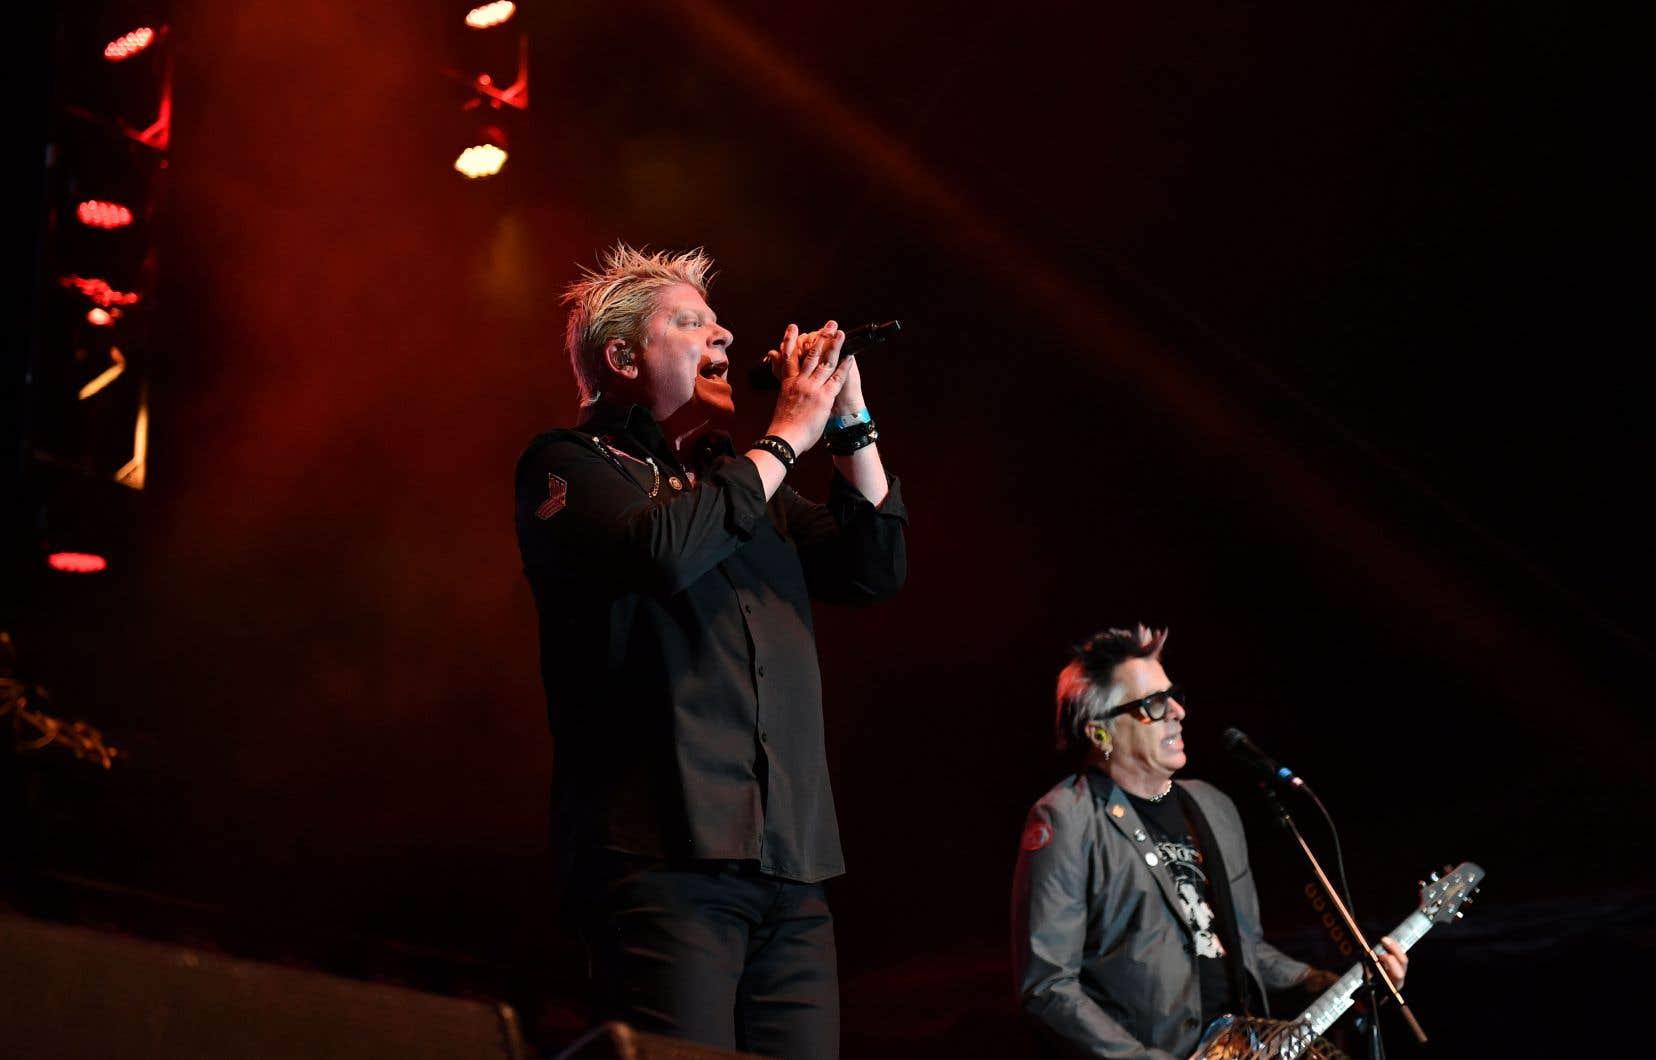 The Offspring ne ralentit pas, explique Noodles, le guitariste (à droite). L'été sera chargé, et le groupe mené par le chanteur Dexter Holland jouera un peu partout sur la planète, avec un fort accent mis sur l'Europe au mois d'août.